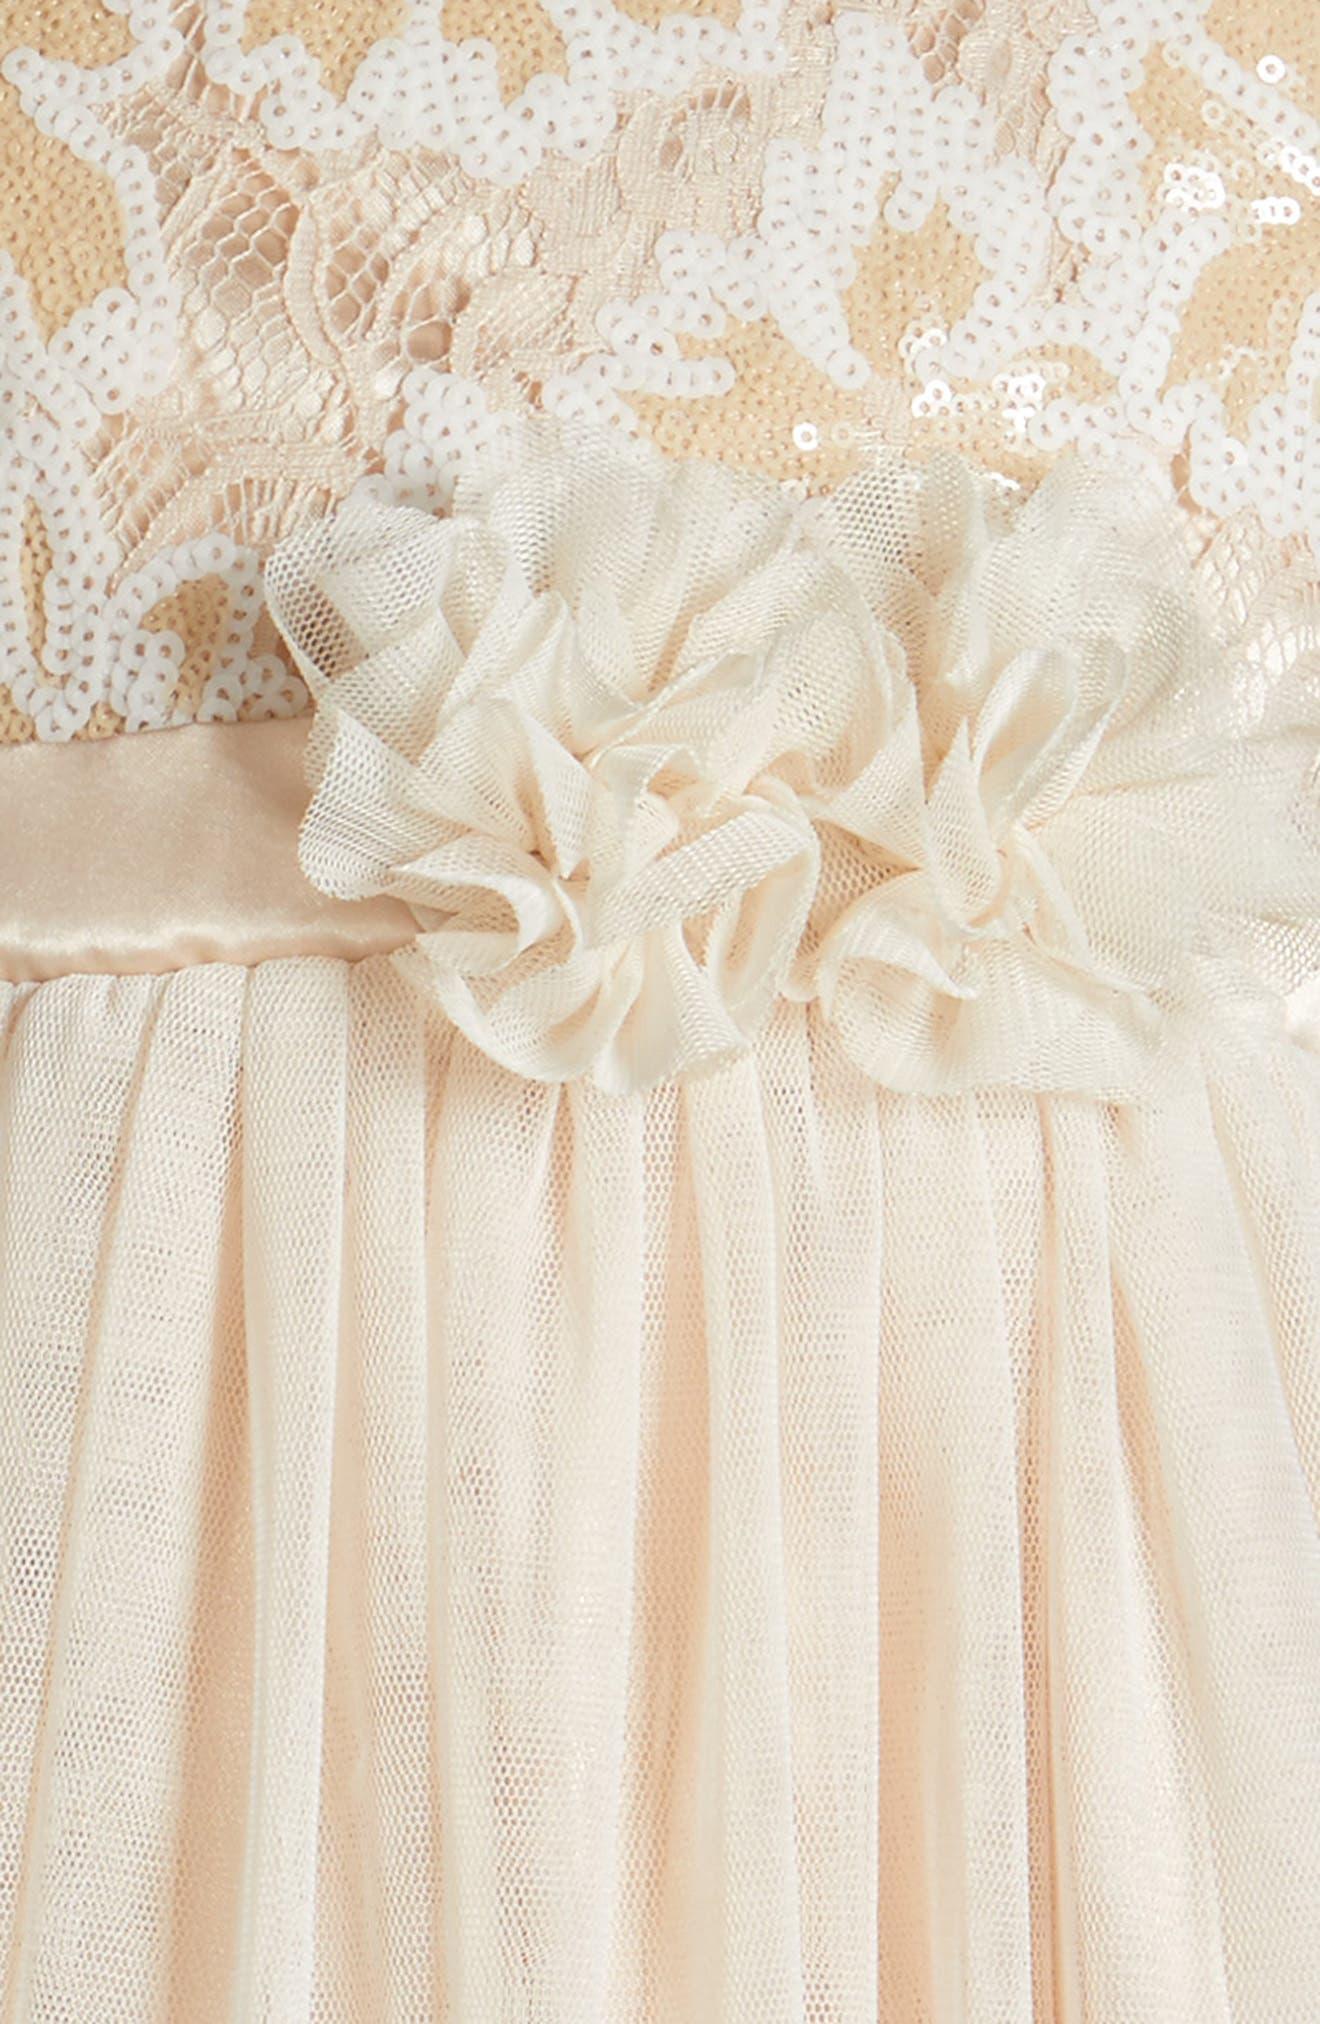 Sequin Flower Dress,                             Alternate thumbnail 3, color,                             900